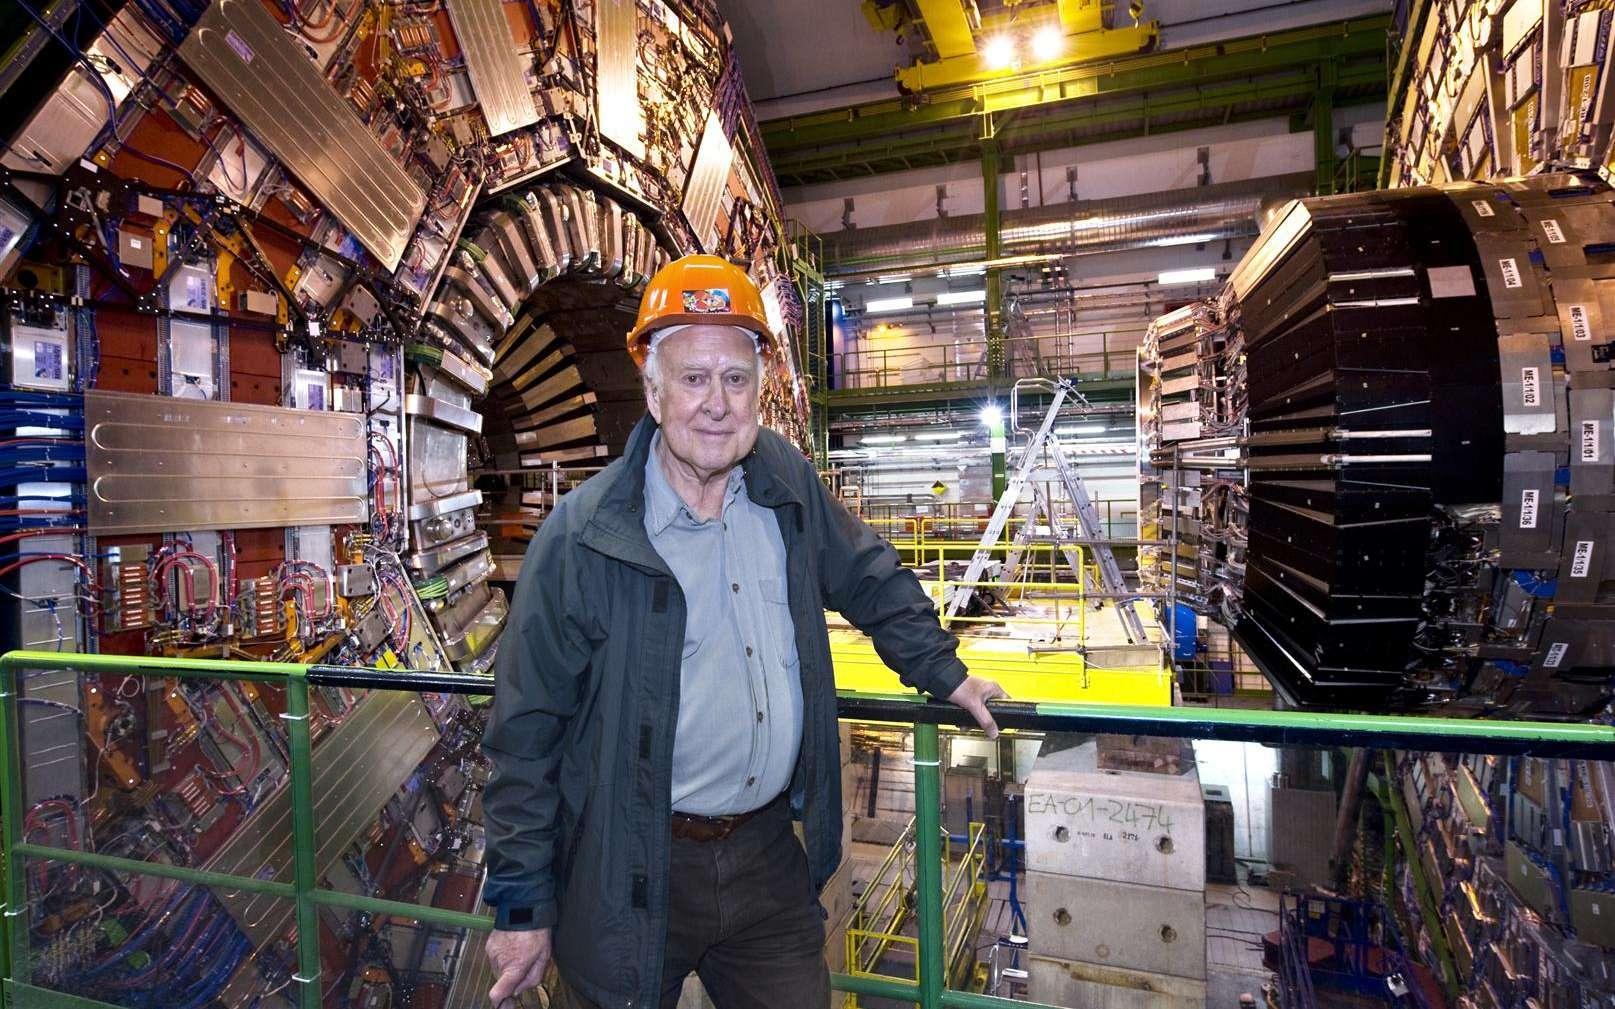 Peter Higgs devant le détecteur CMS au Cern. Celui-ci semble bel et bien avoir détecté le boson de Higgs mais pour le moment aucun leptoquark. © Maximilien Brice-Cern